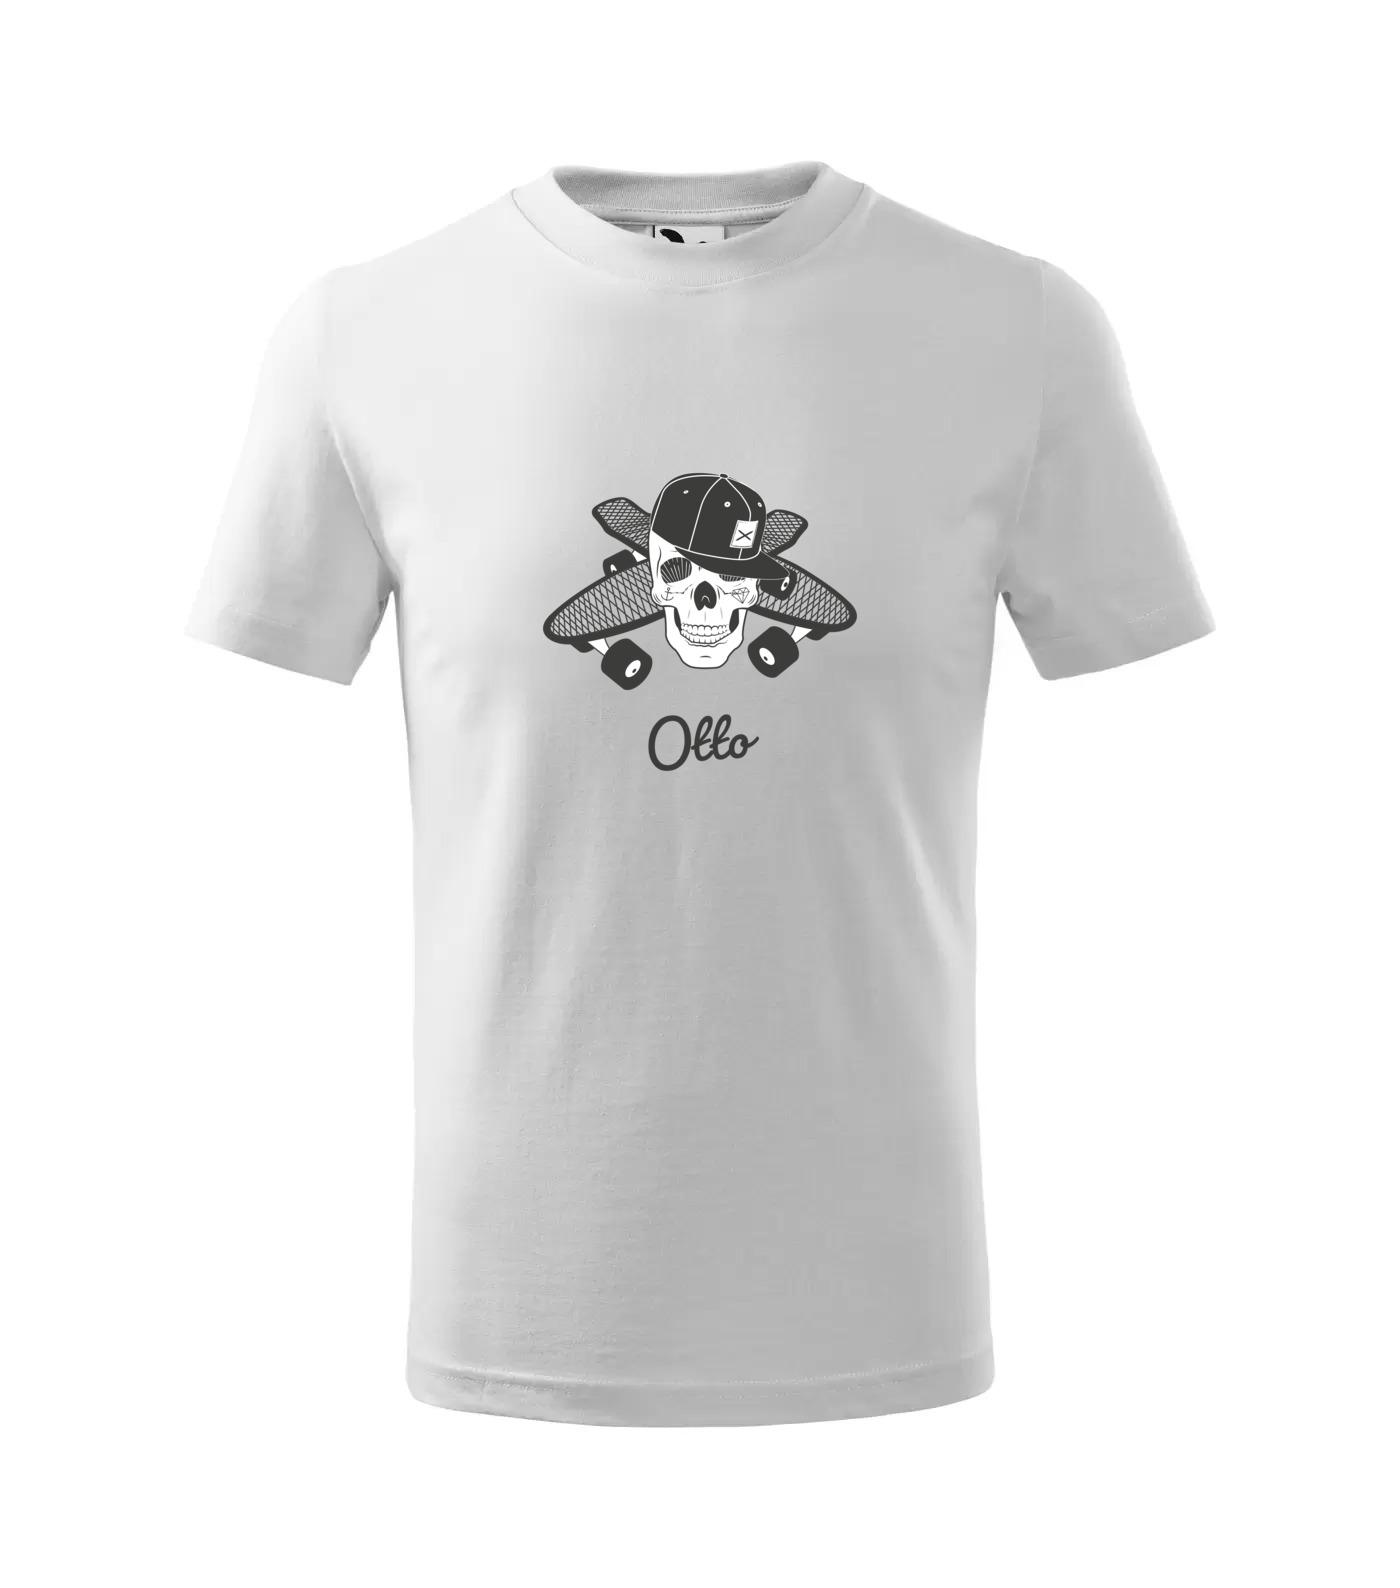 Tričko Skejťák Otto